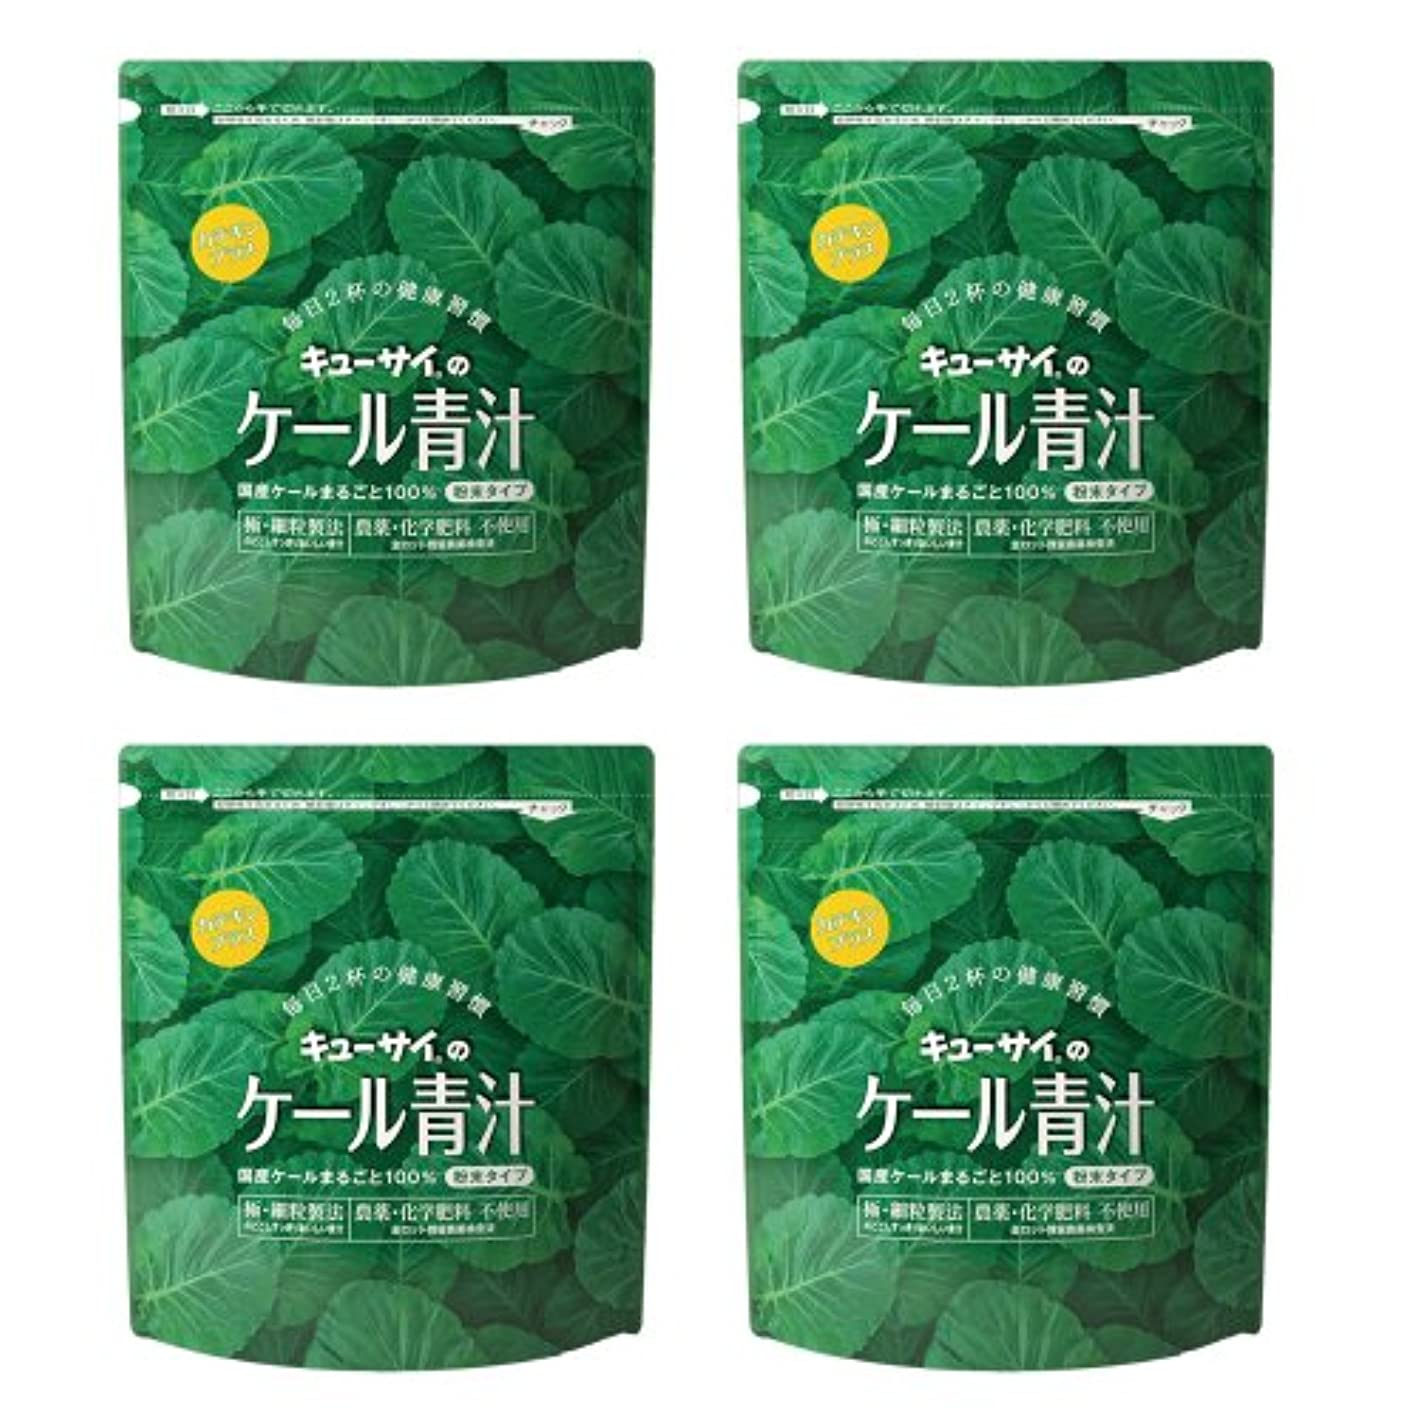 収縮単語周りキューサイ青汁カテキンプラス420g(粉末タイプ)4袋まとめ買い【1袋420g(約1カ月分)】